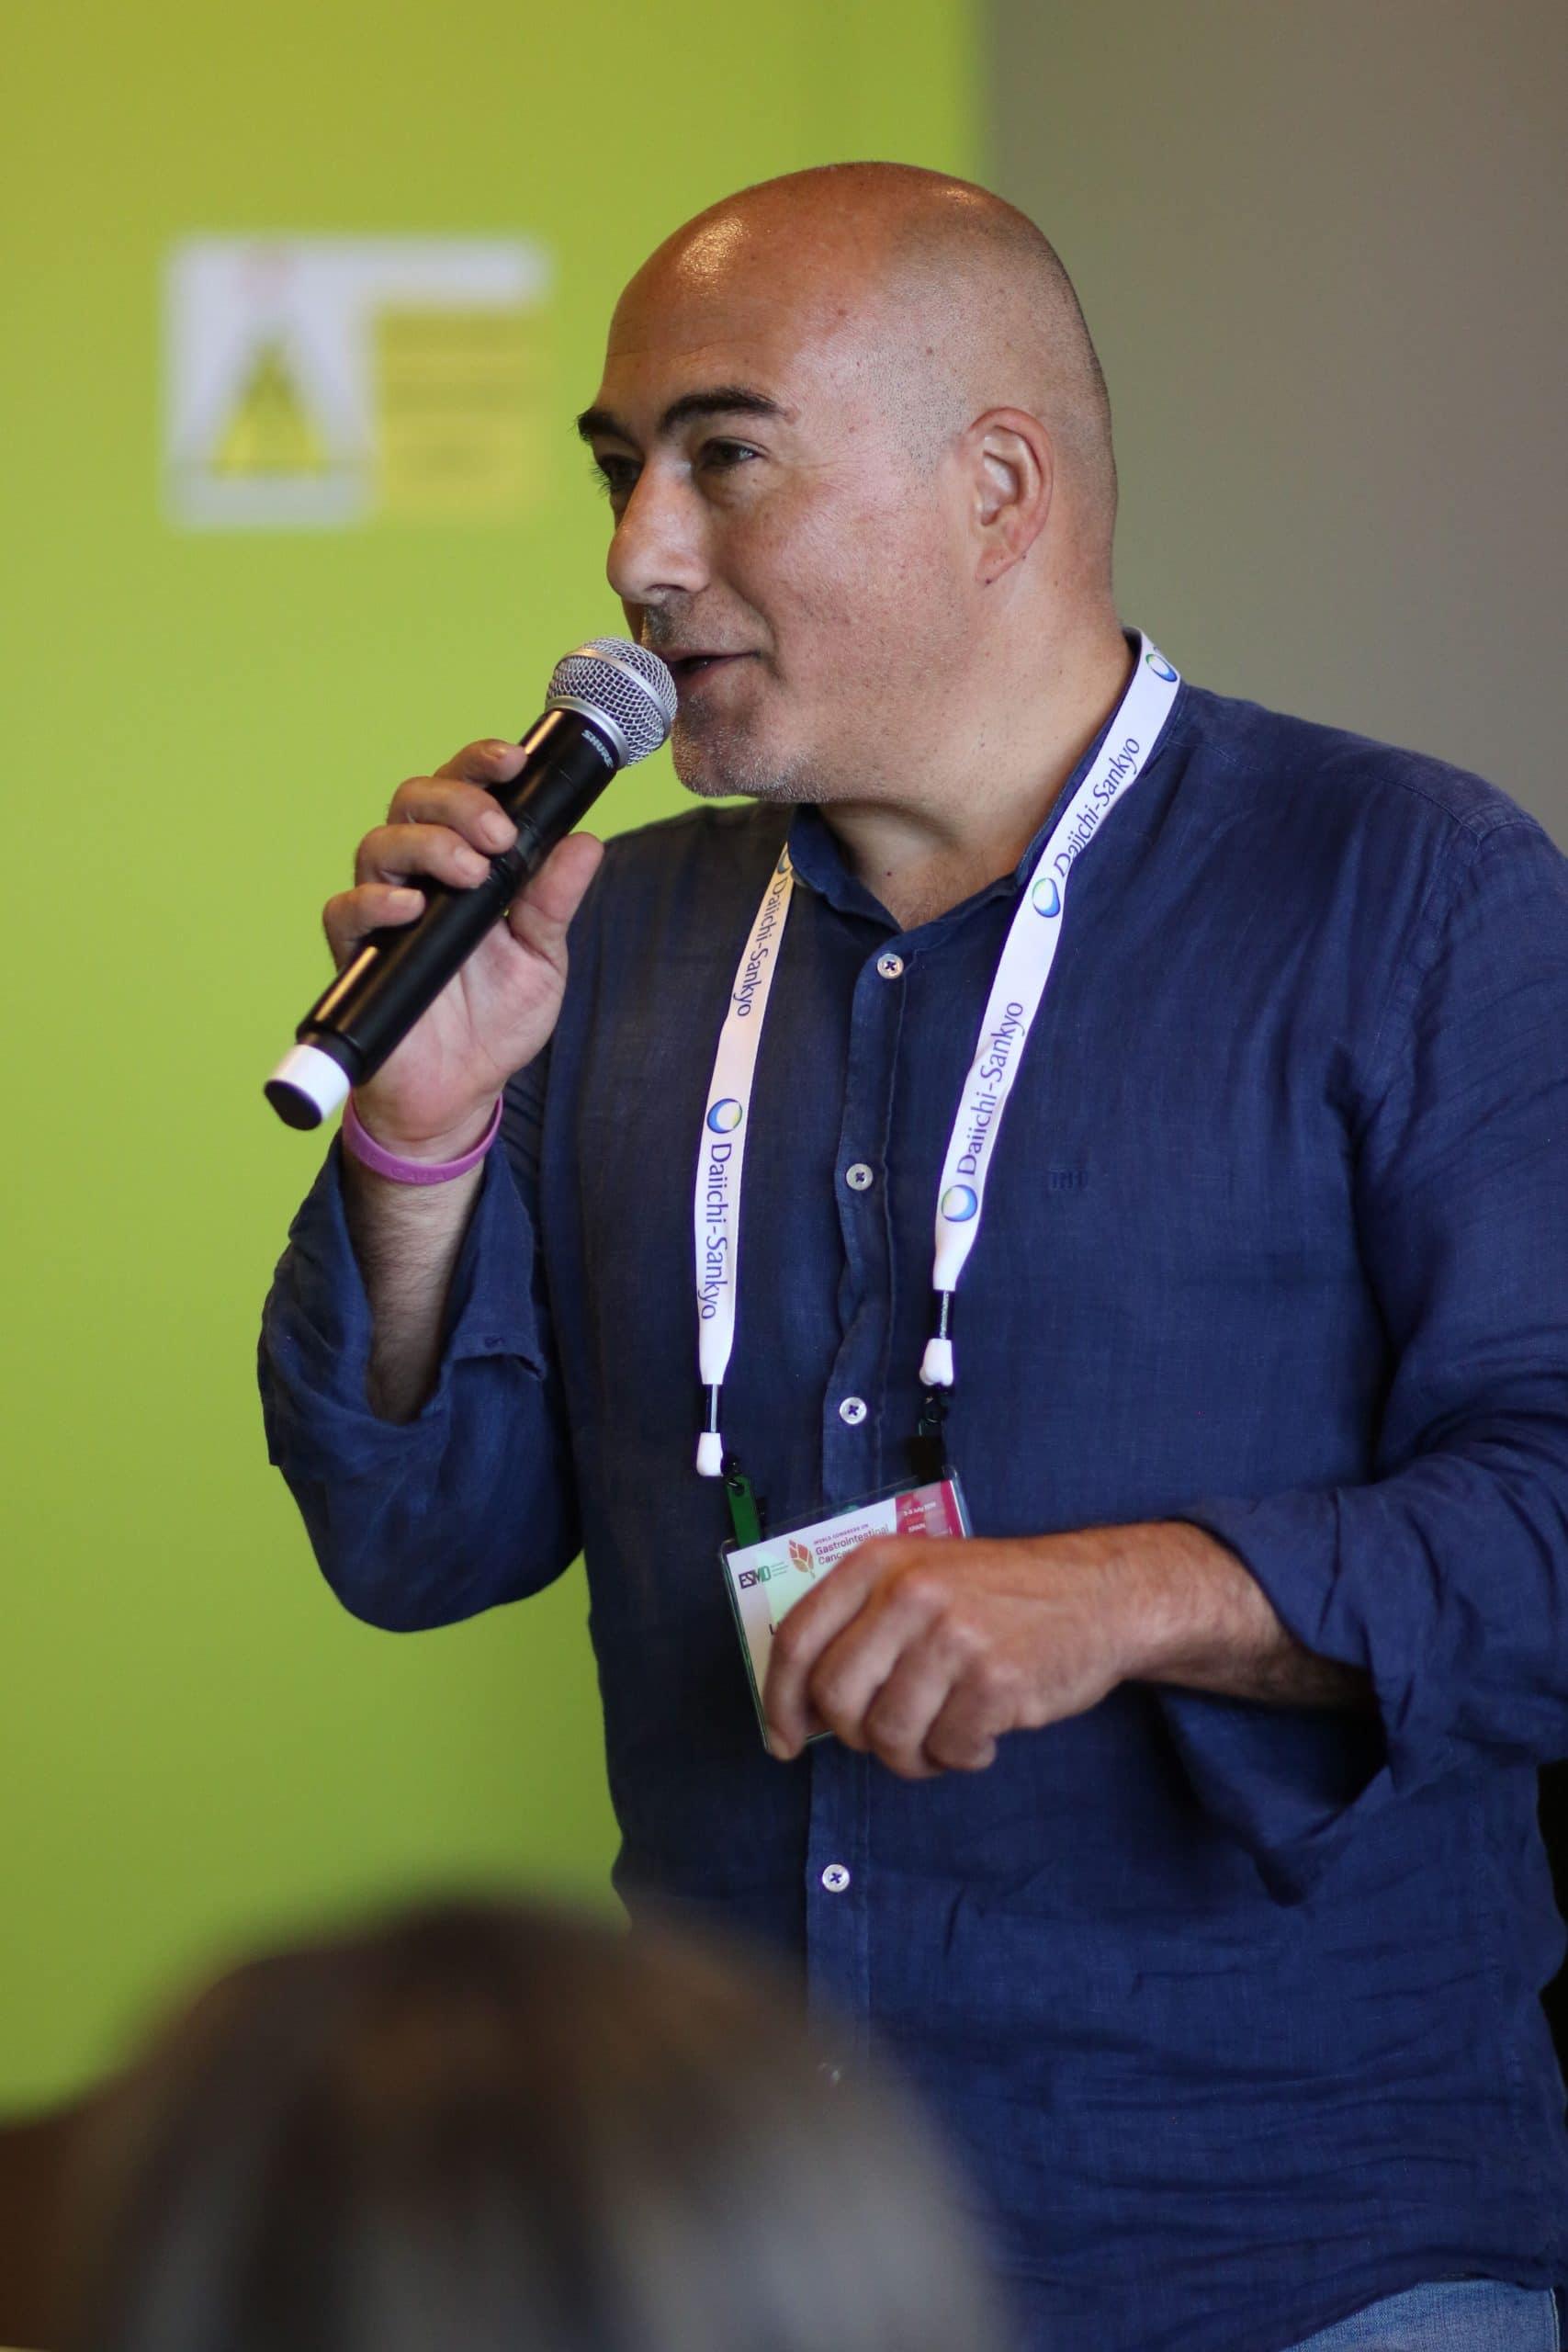 Luis Miguel de la Fuente scaled - El cáncer de colon y recto sigue aumentando: más de 44.000 casos diagnosticados en 2020